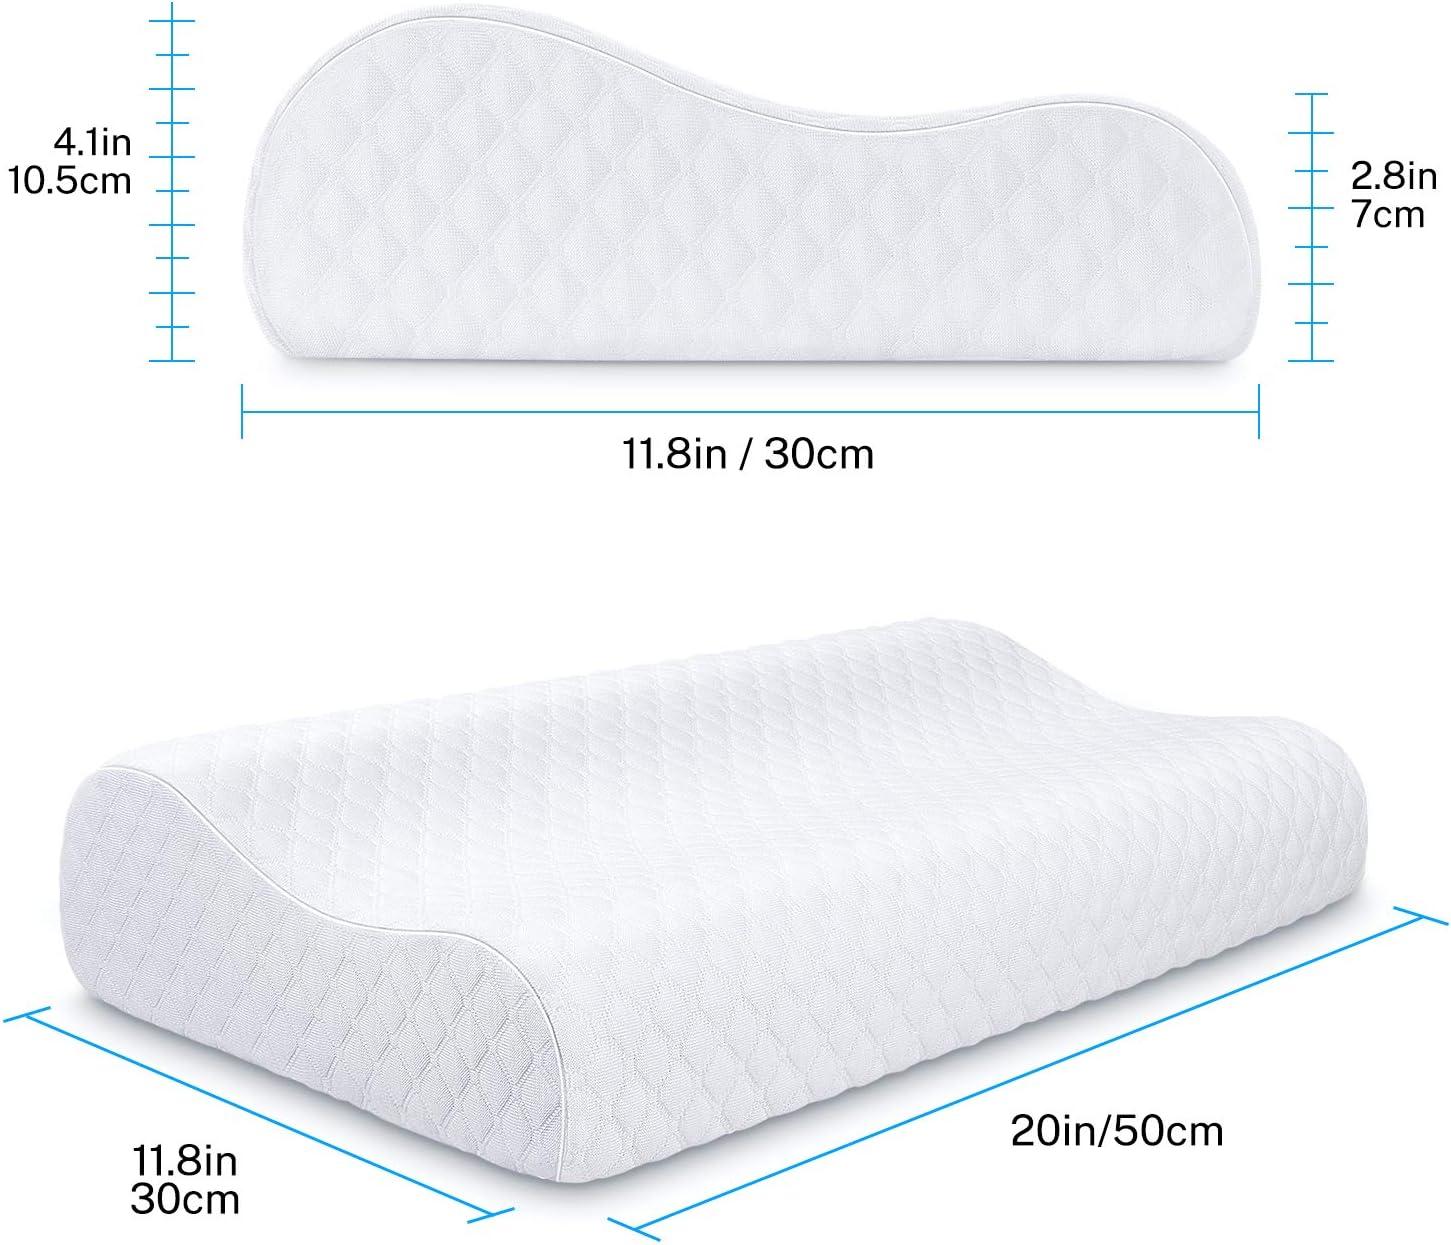 Almohada Viscoelastica Misiki Almohada Ortop/édica para Aliviar de Dolor del Cuello y Hombro Almohada Cervical Ergon/ómica Almohada para Dormir de Lado y de Espalda Funda de almohada lavable